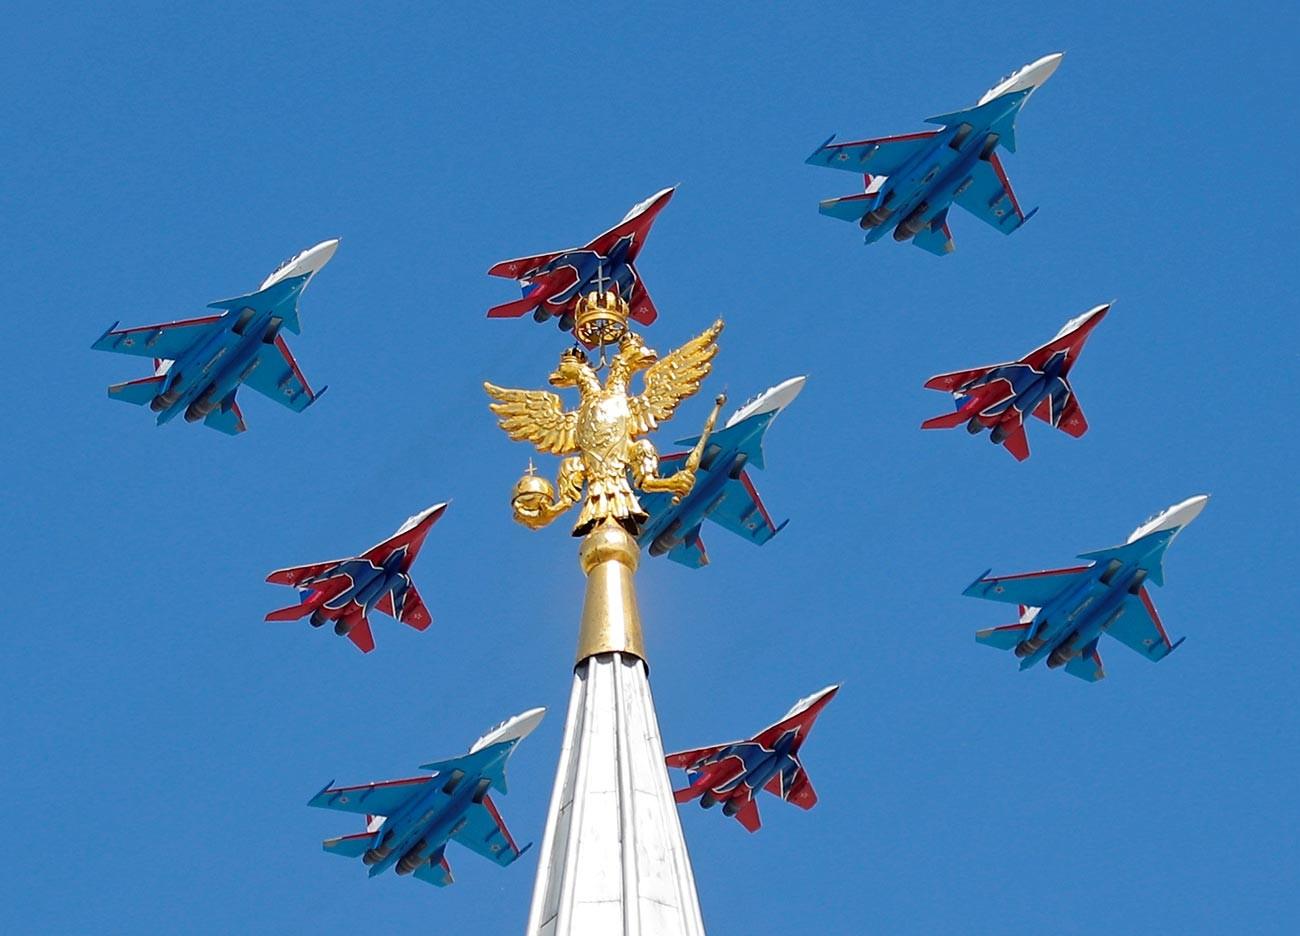 Lovci MiG-29 ruske vojske pilotske grupe